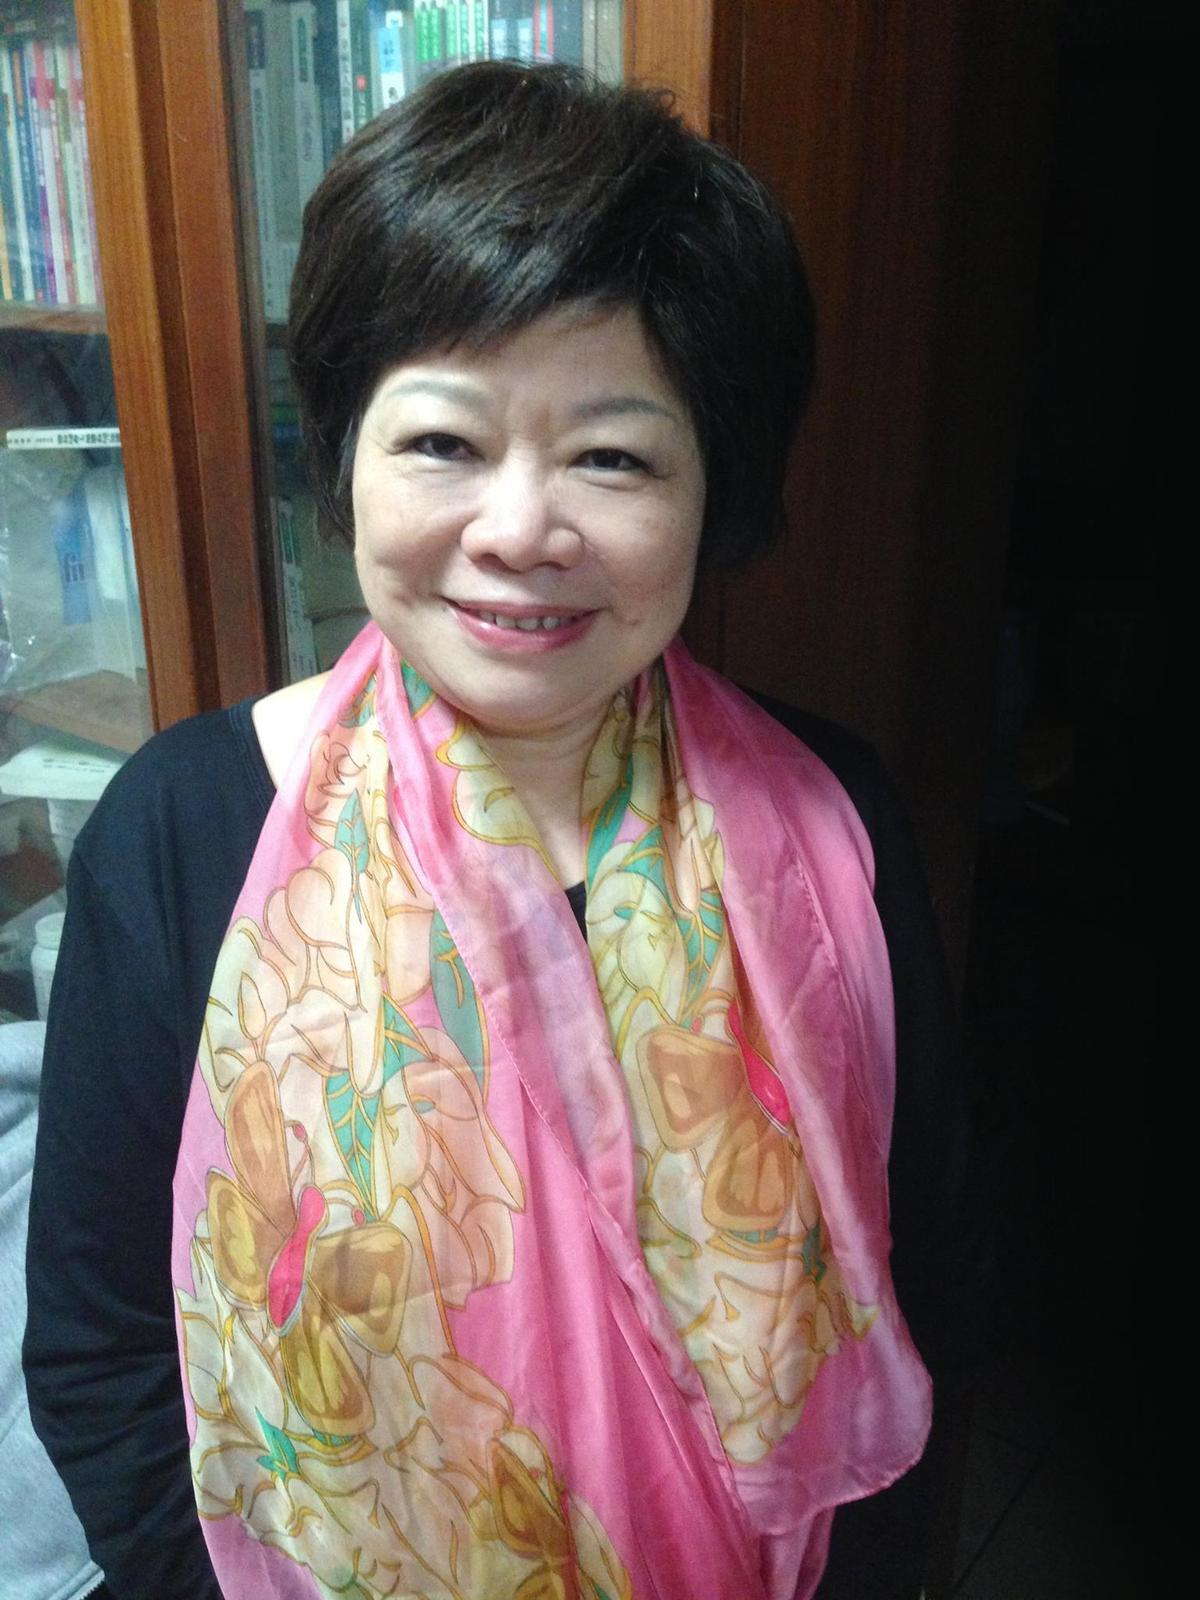 知名作家廖輝英對自己婚姻極不滿意,還曾為此大吵。(翻攝臉書)